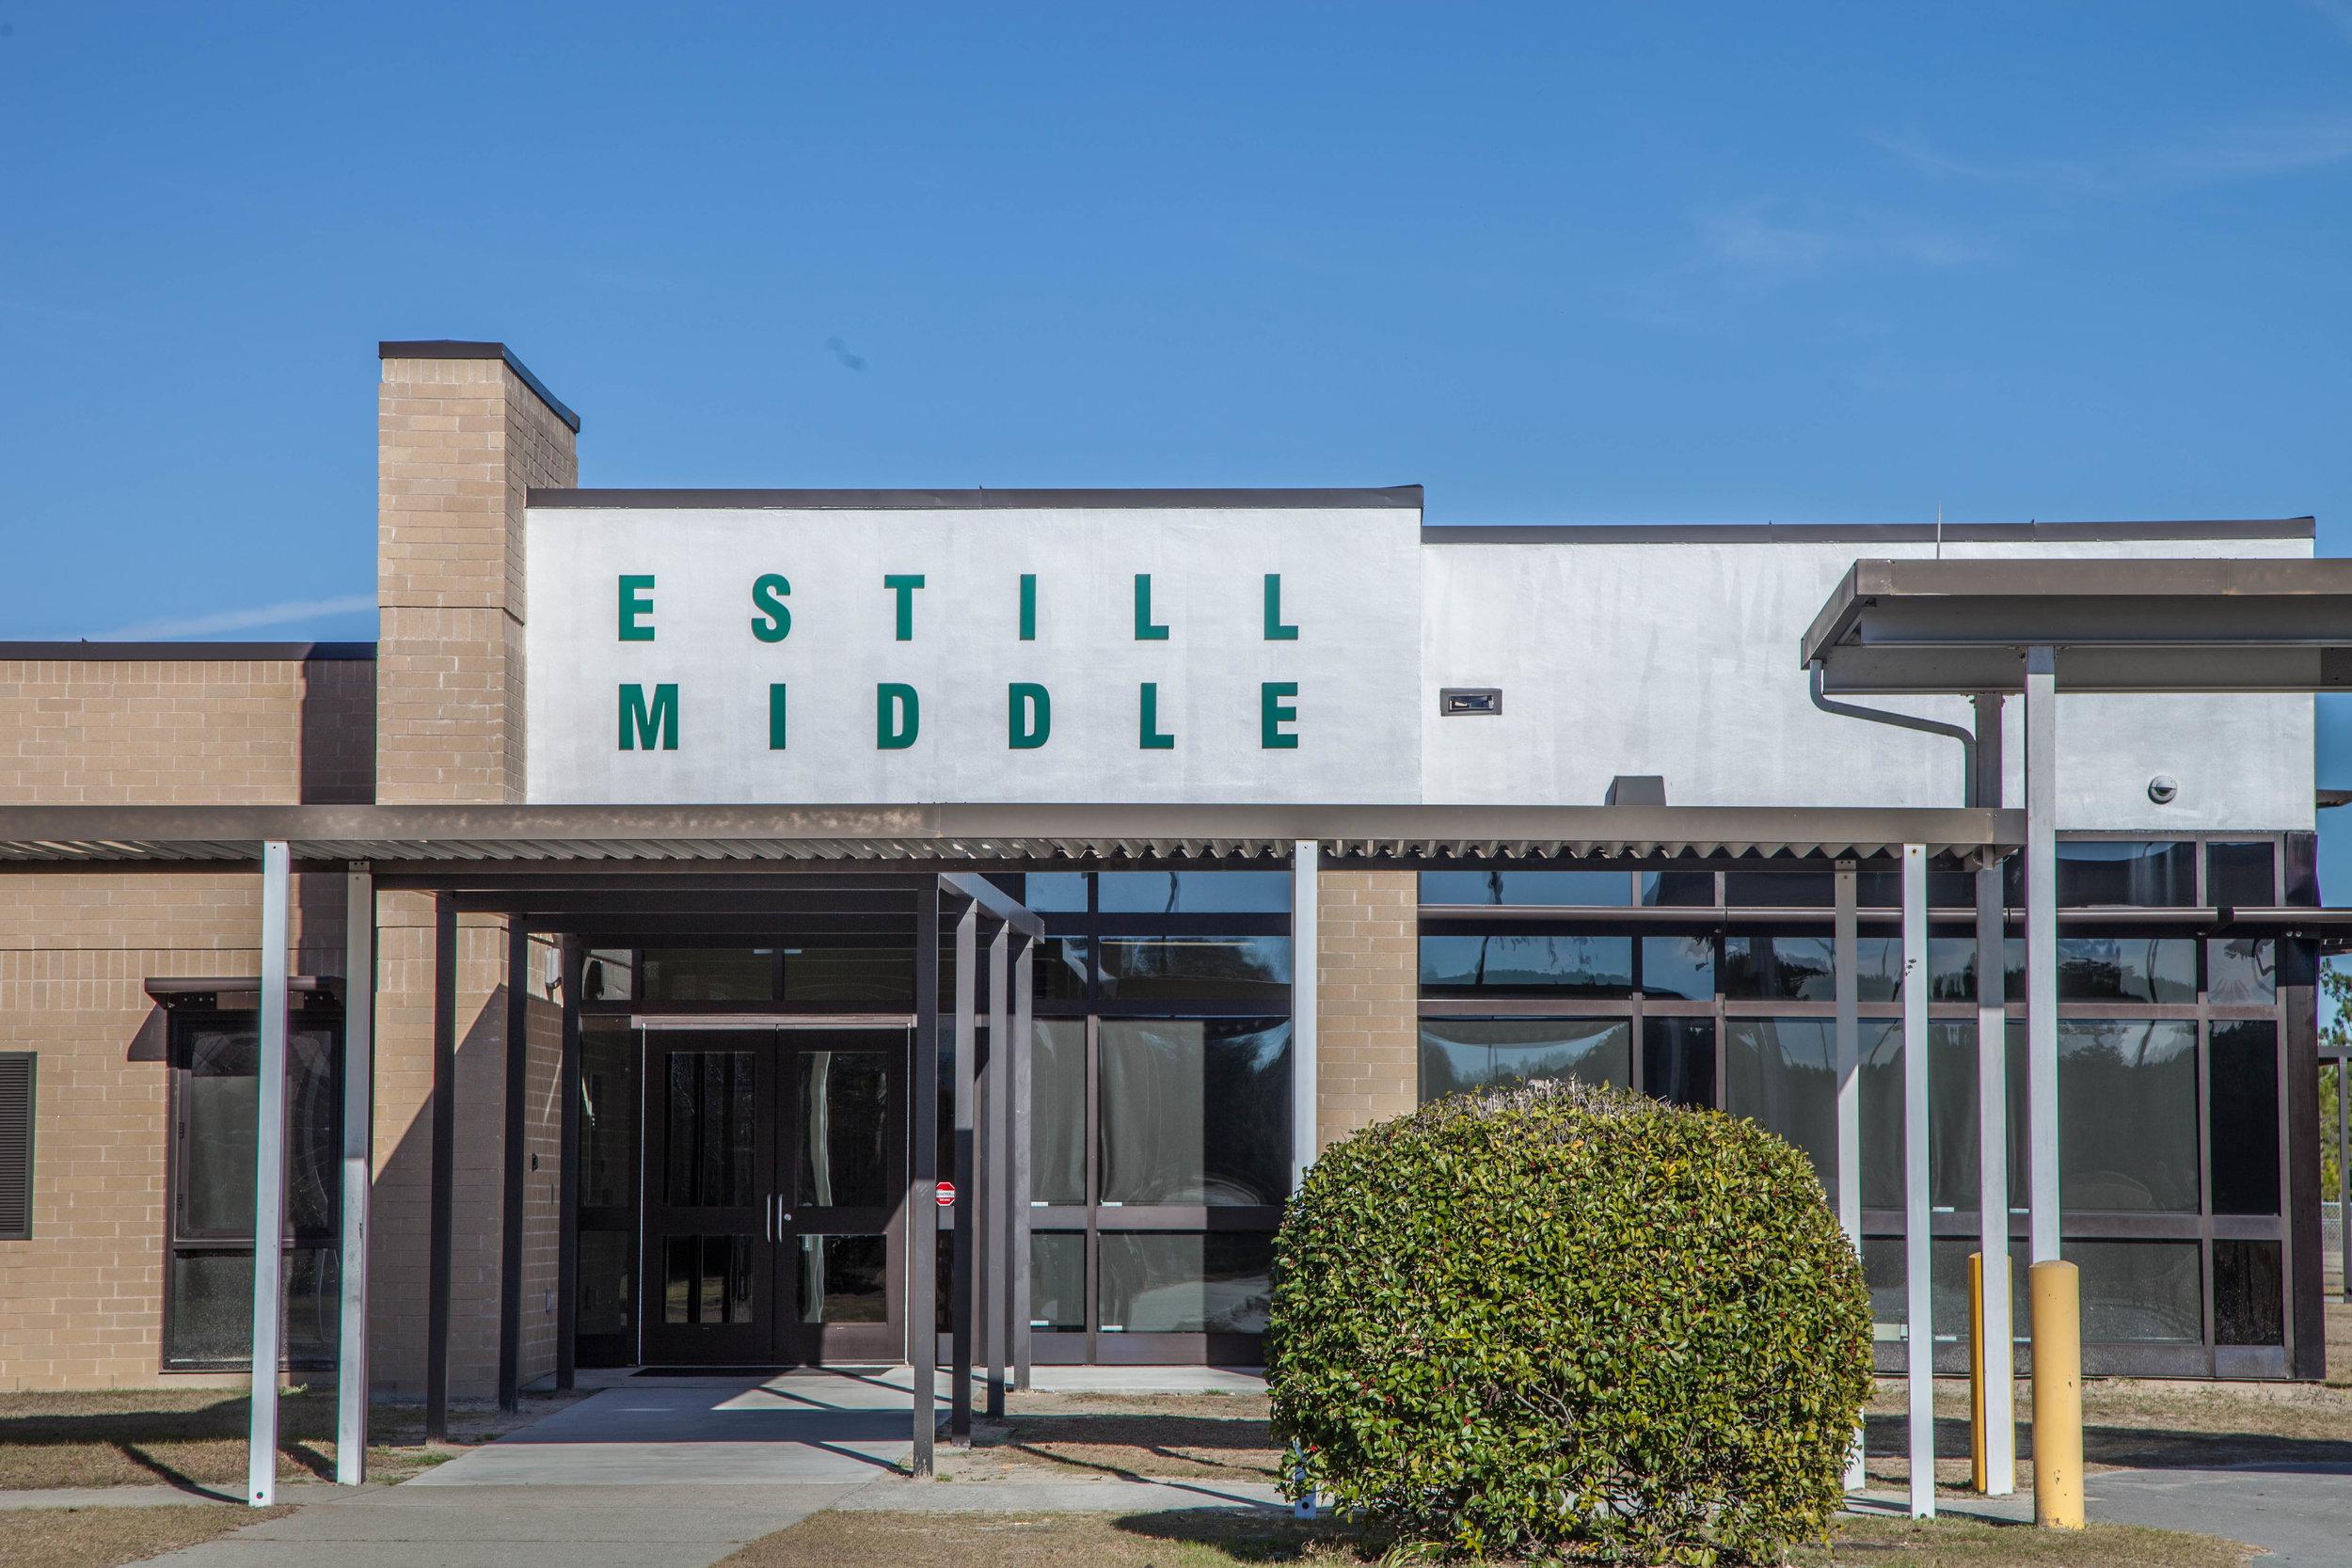 Estill Middle School